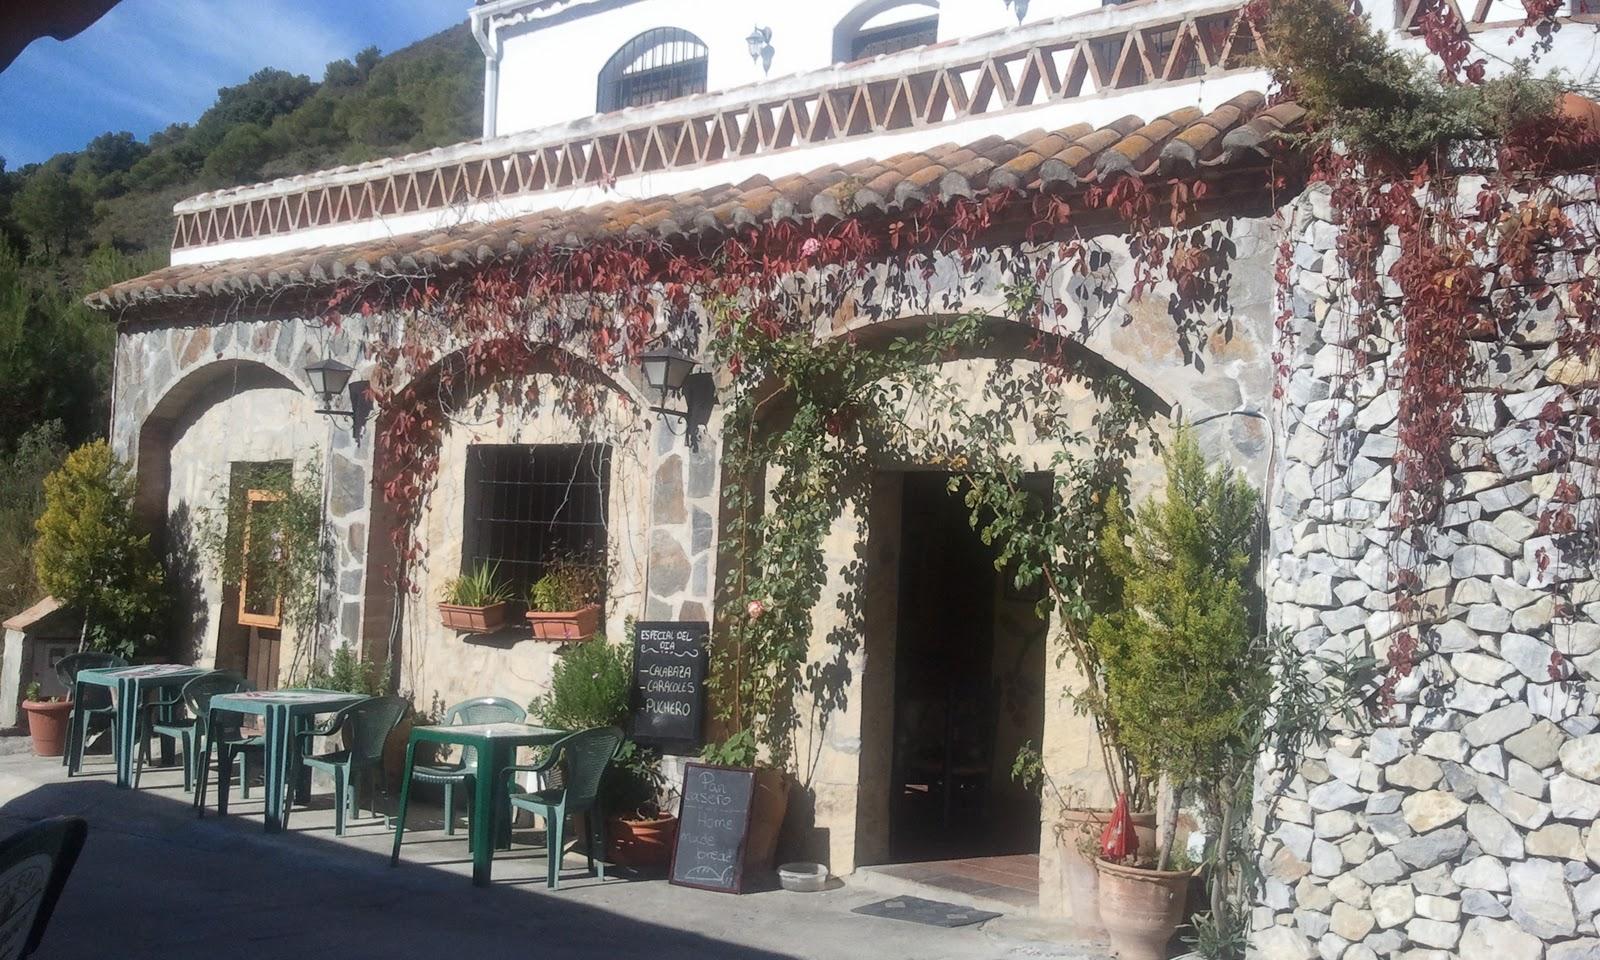 Restaurante el palmeral malaga moet restaurante el for Sala hollywood malaga